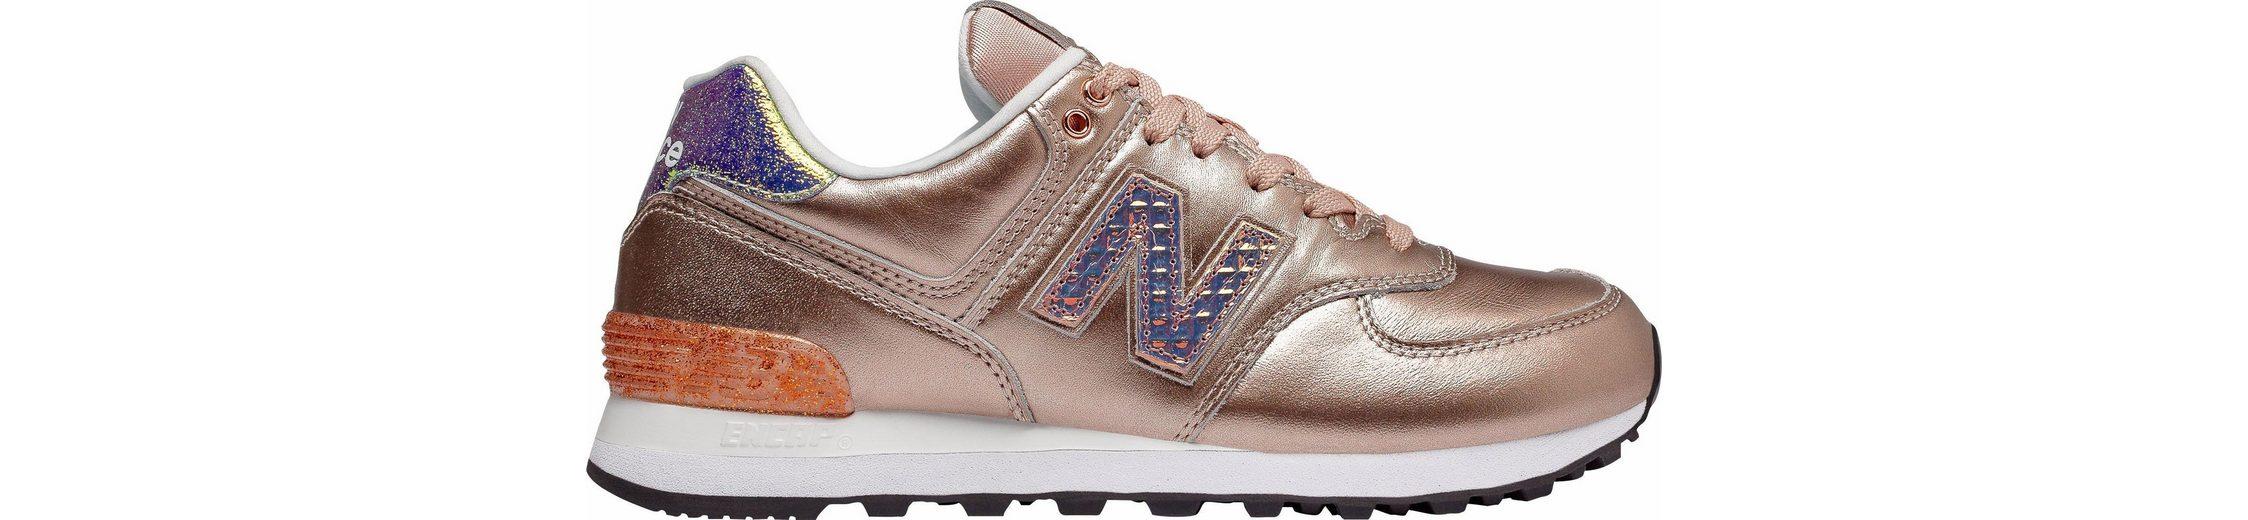 New Balance WL574 New WL574 Balance New WL574 New Sneaker Sneaker Sneaker Balance Balance WL574 4nwngq6FxA